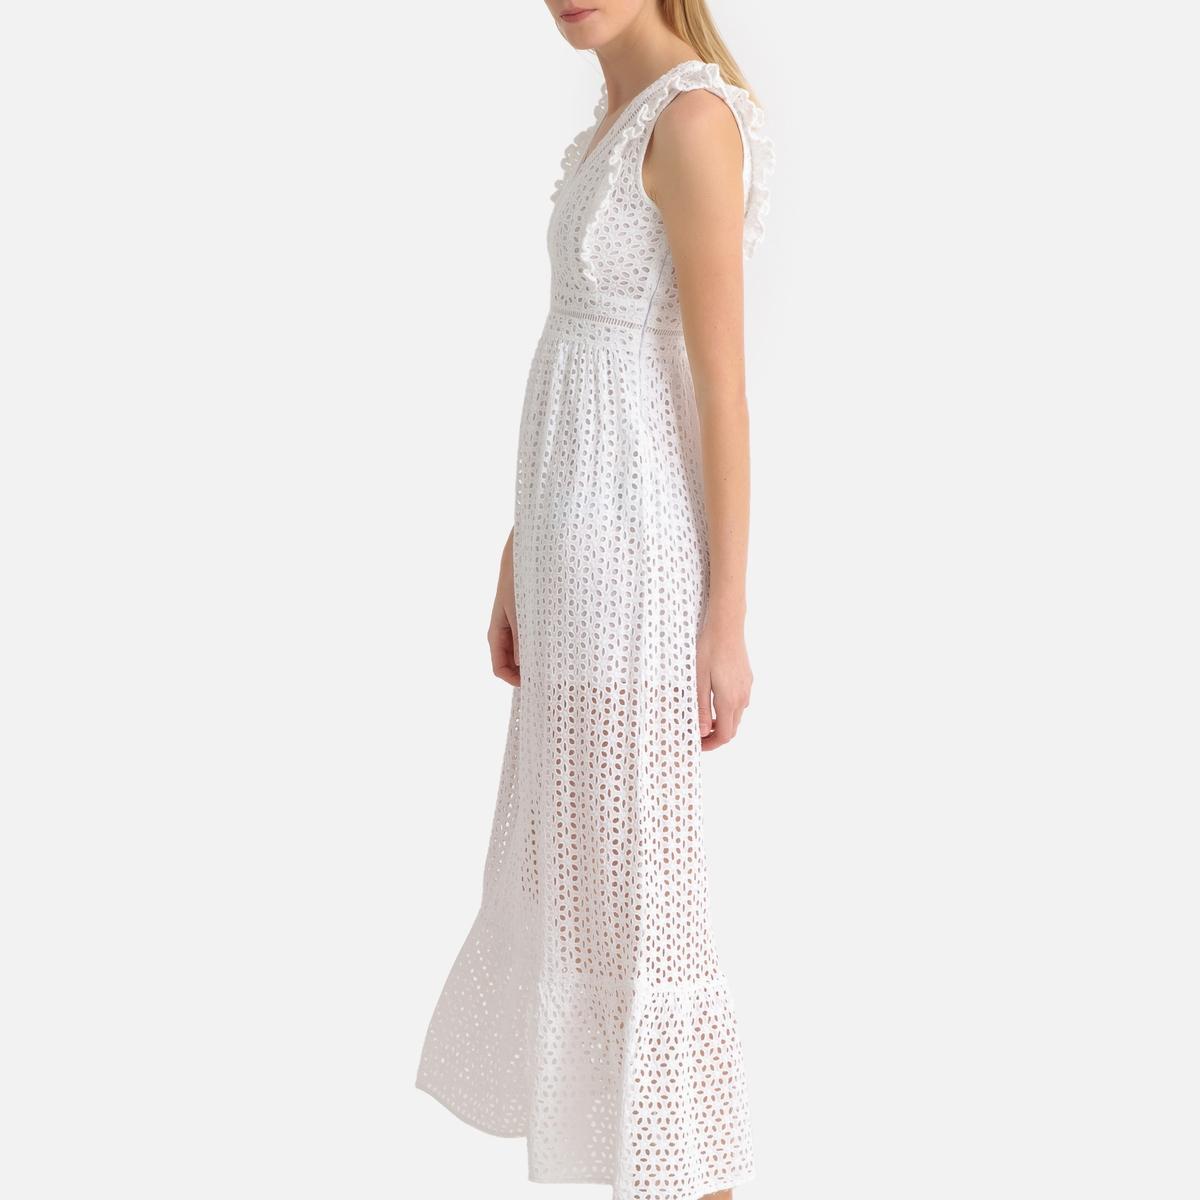 Платье La Redoute Длинное с вышивкой и V-образным вырезом без рукавов L белый комбинезон la redoute с вышивкой без рукавов m черный